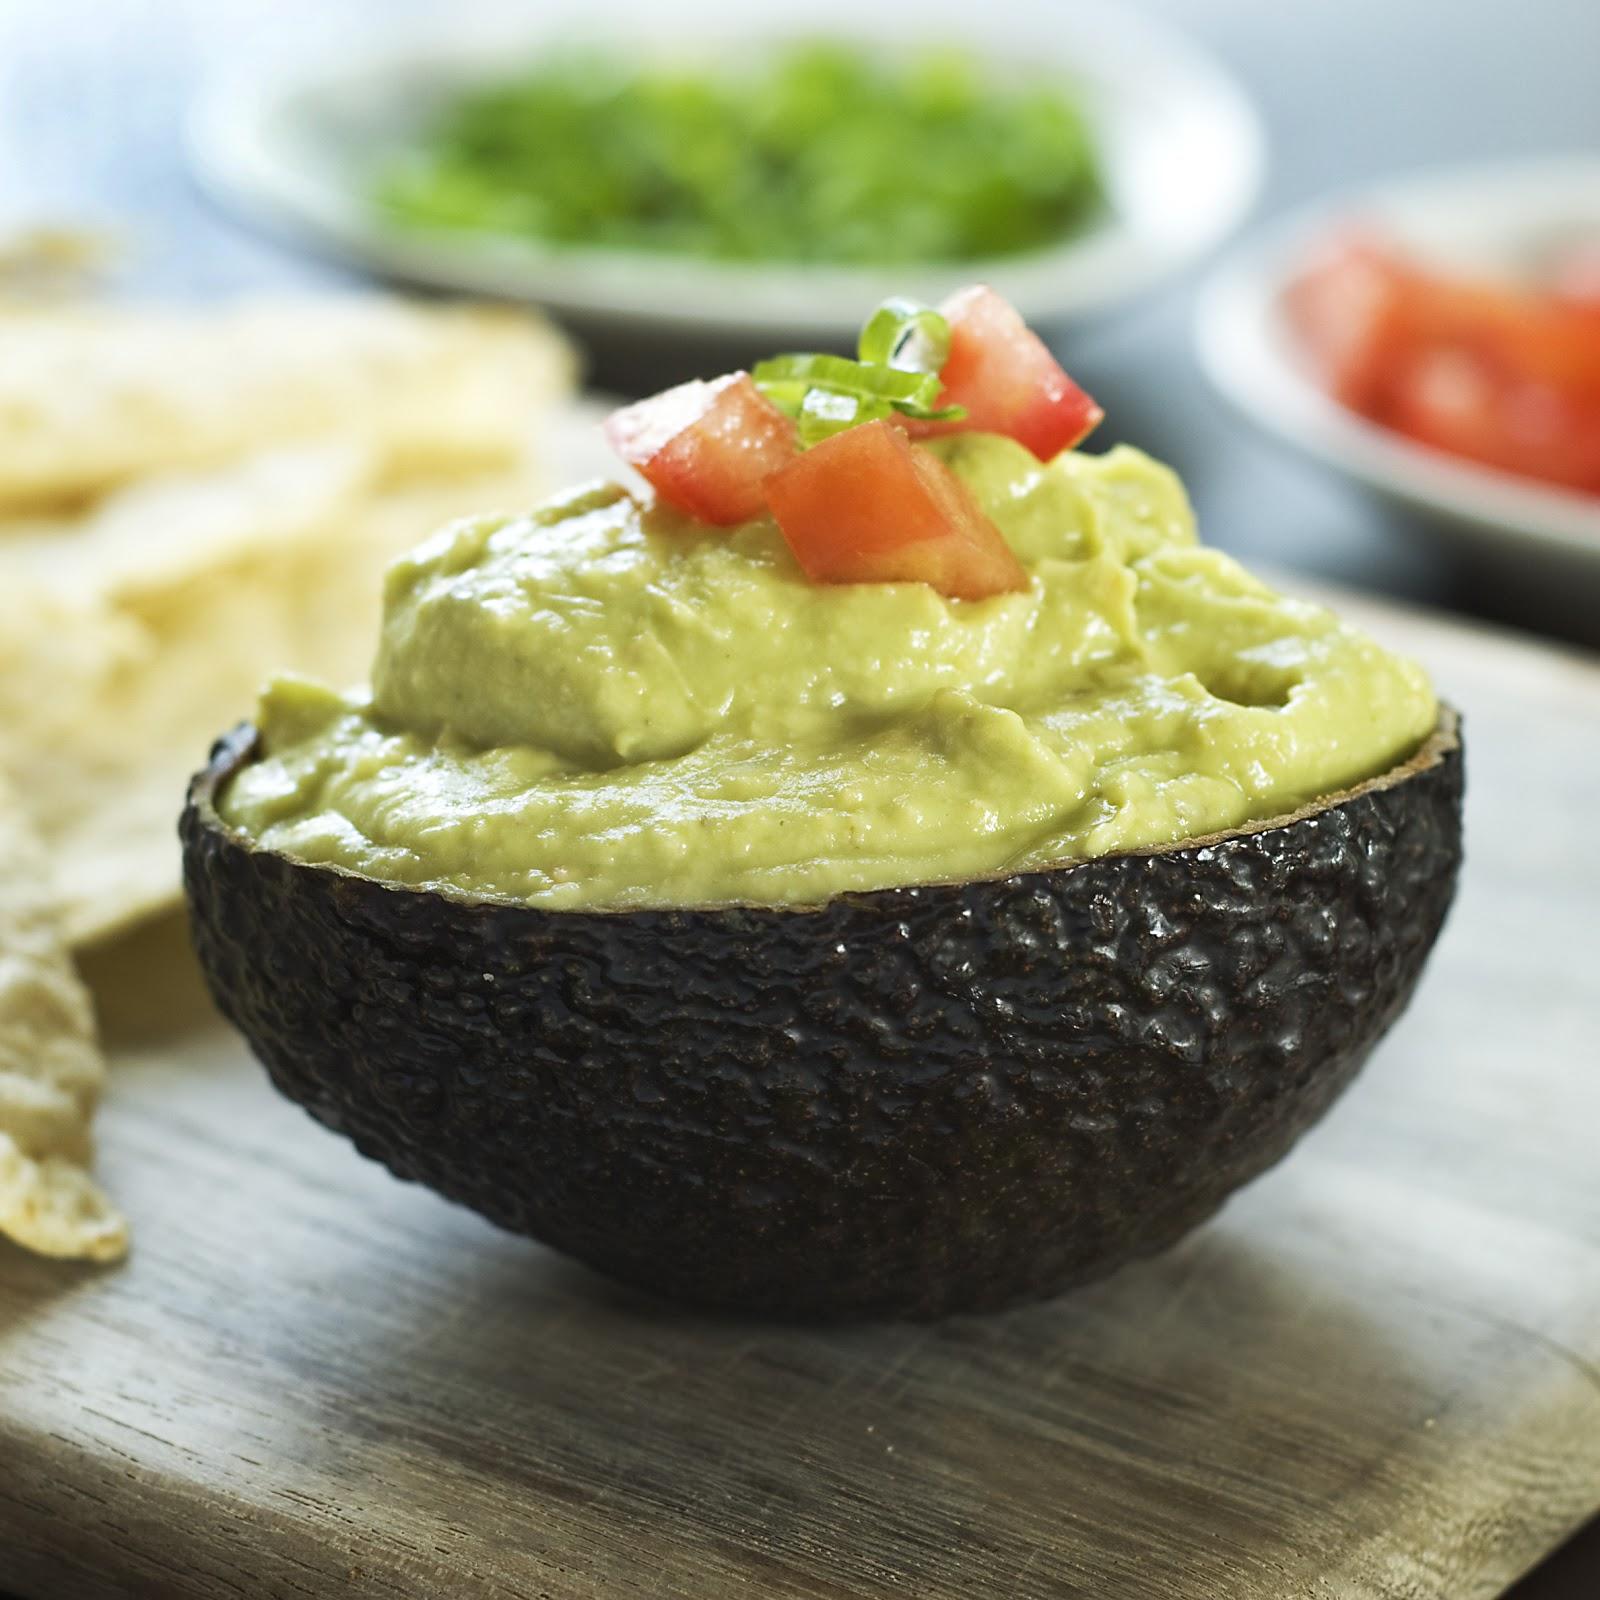 Simply Gourmet: 229. Avocado Pesto Hummus Dip